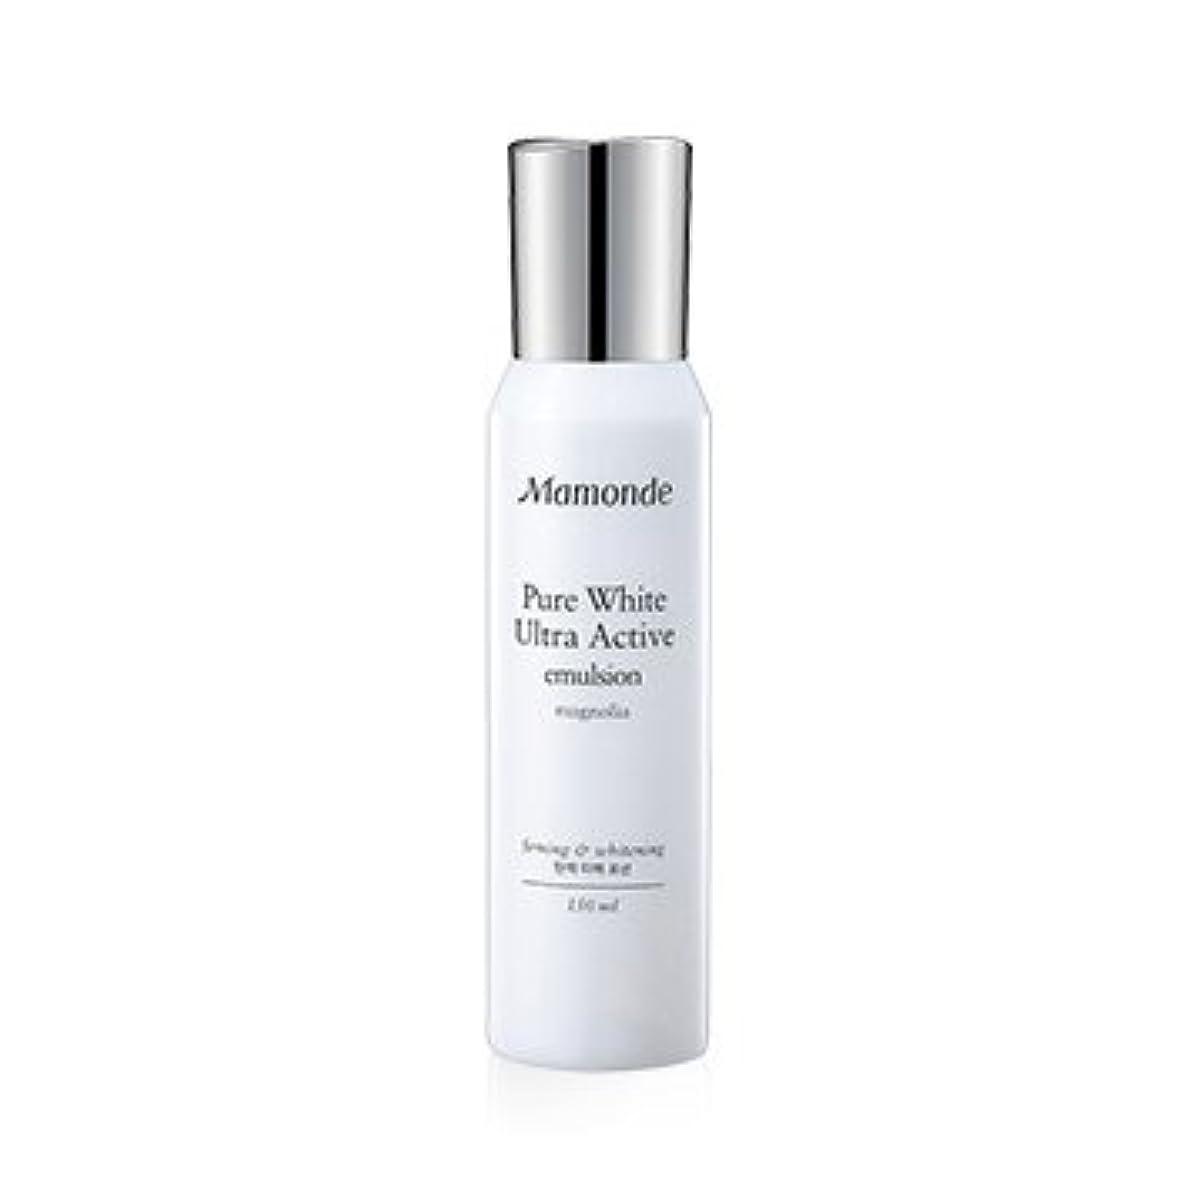 ビーチ彫刻家ネットMamonde Pure White Ultra Active Emulsion 150ml/マモンド ピュア ホワイト ウルトラ アクティブ エマルジョン 150ml [並行輸入品]